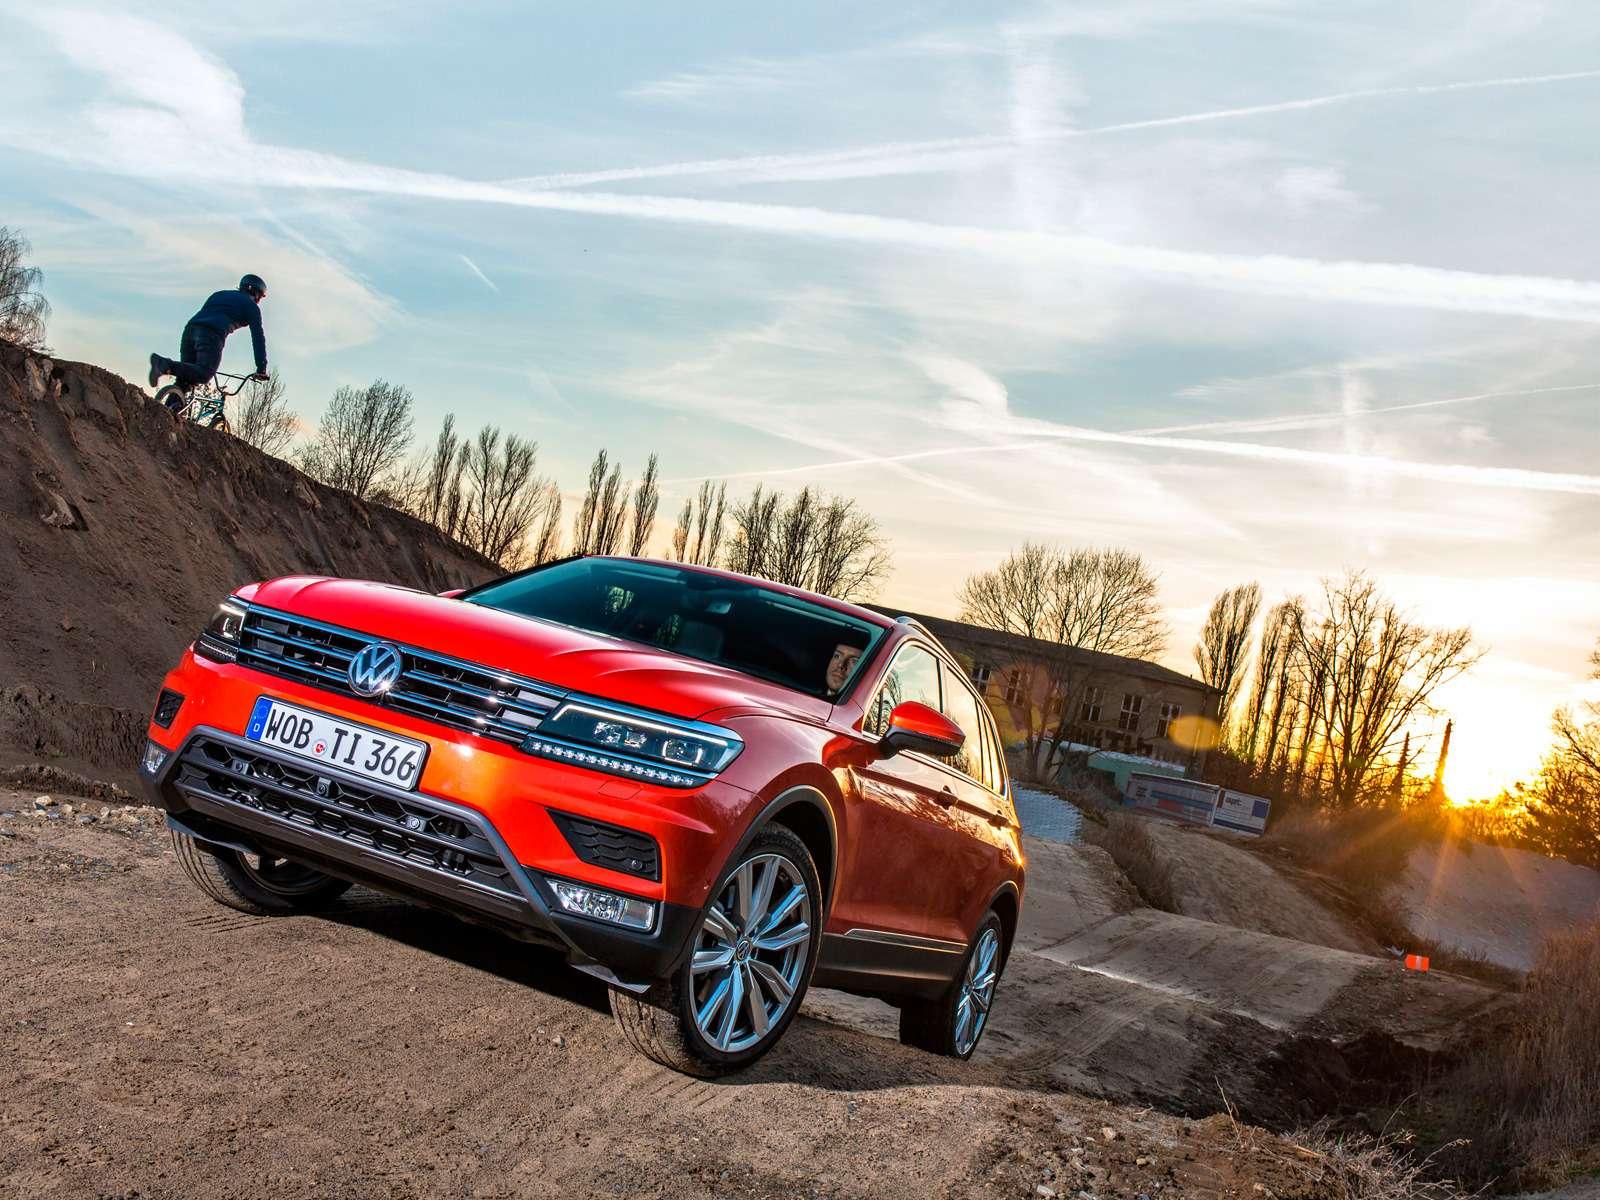 Тест нового Volkswagen Tiguan: победа экологов надавтоспортсменами— фото 594452